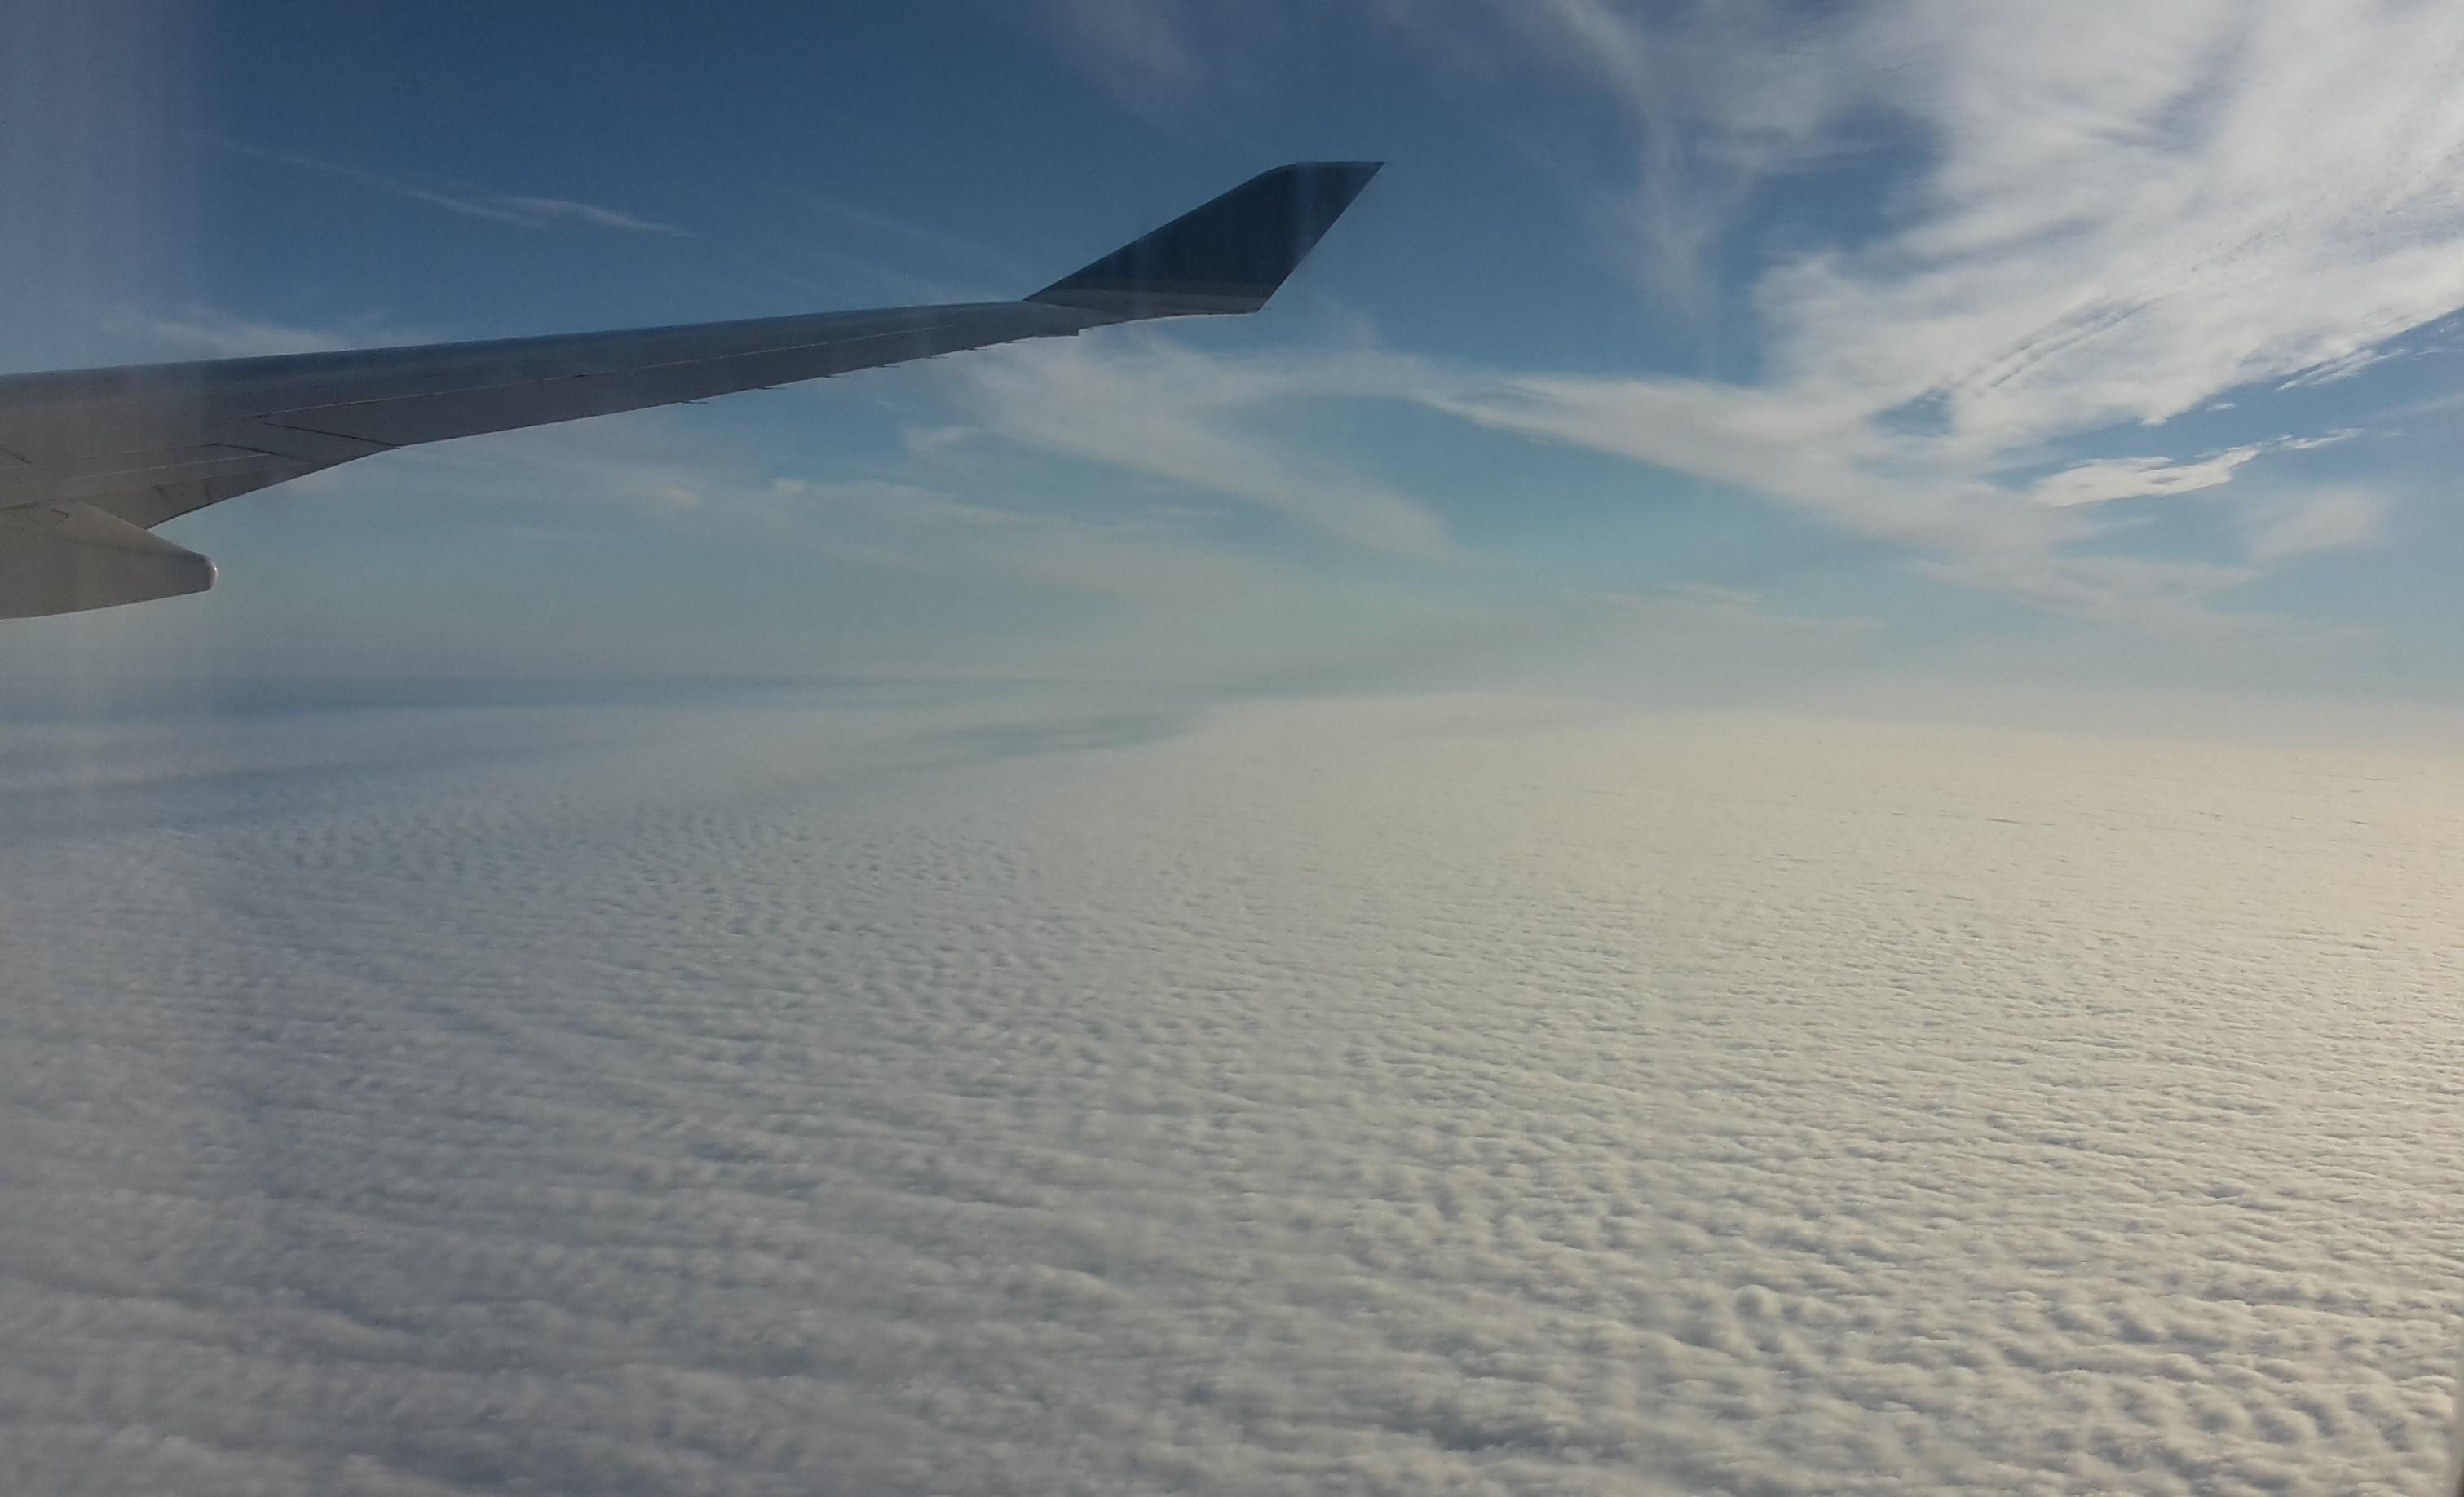 Blick aus dem Flugzeugfenster, zu sehen ist ein Wolkenmeer